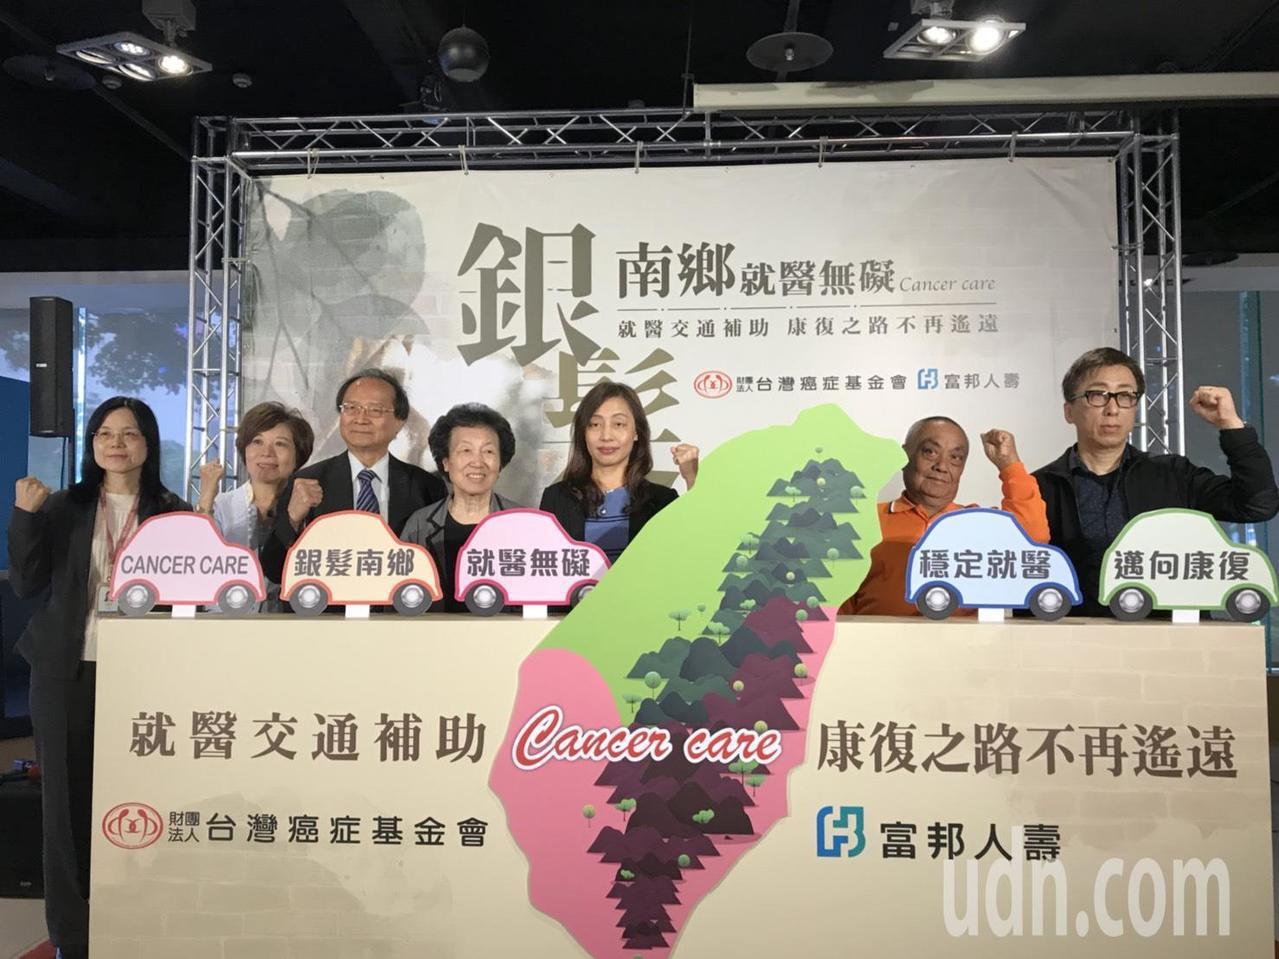 台灣癌症基金會自2017年起與富邦人壽合作「銀髮南鄉,就醫無礙」癌友就醫交通補助...